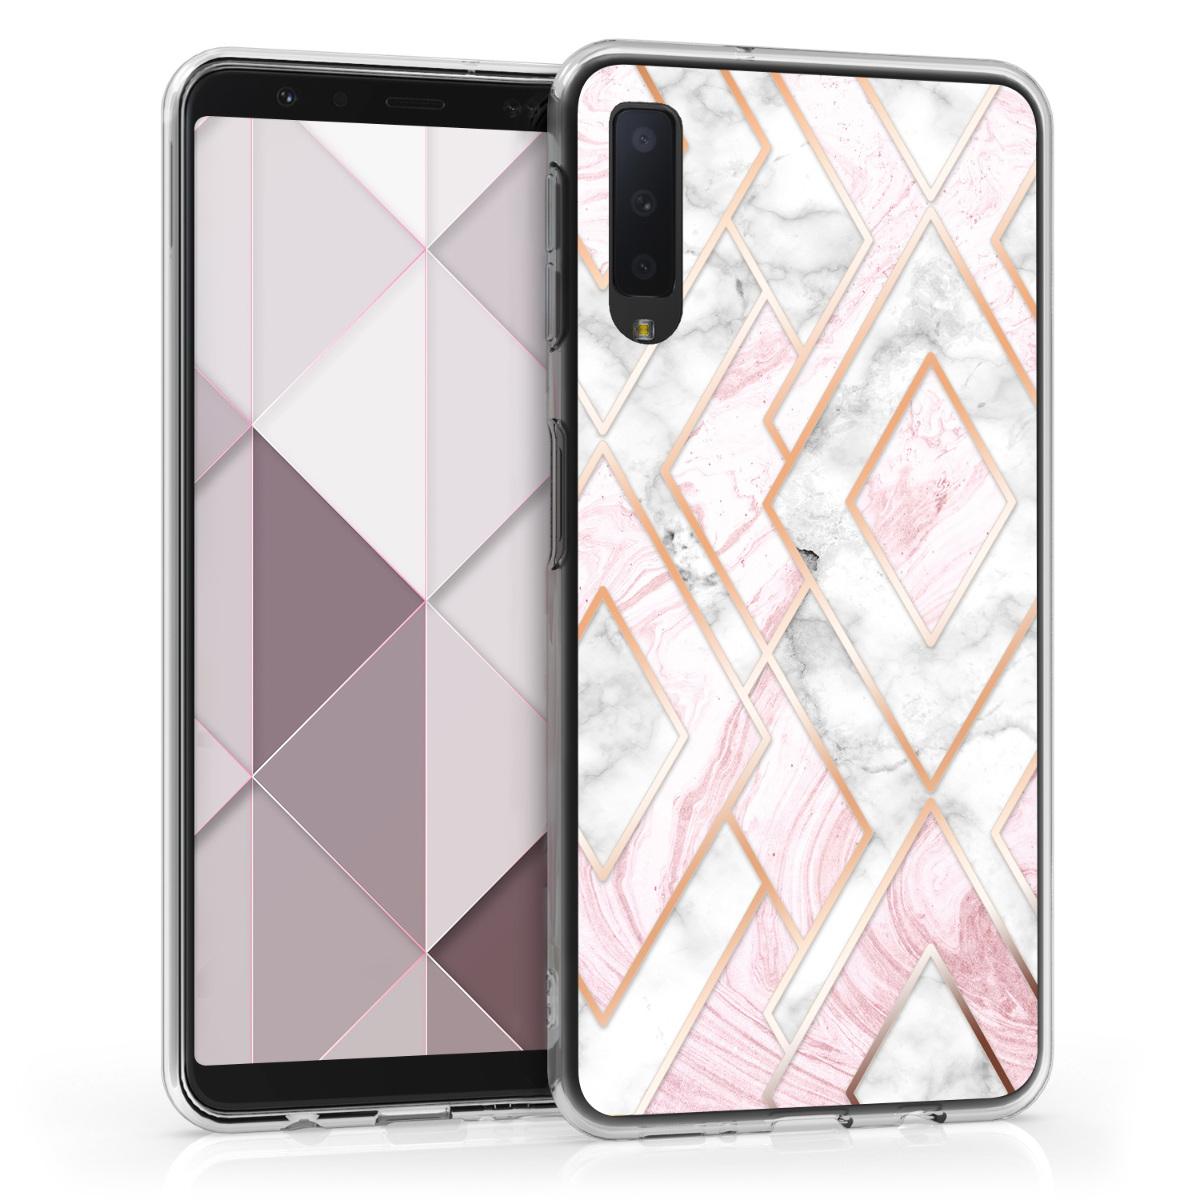 Kvalitní silikonové TPU pouzdro pro Samsung A7 (2018) - Glory Mix 2 starorůžové rosegold / bílé / růžové Dusty